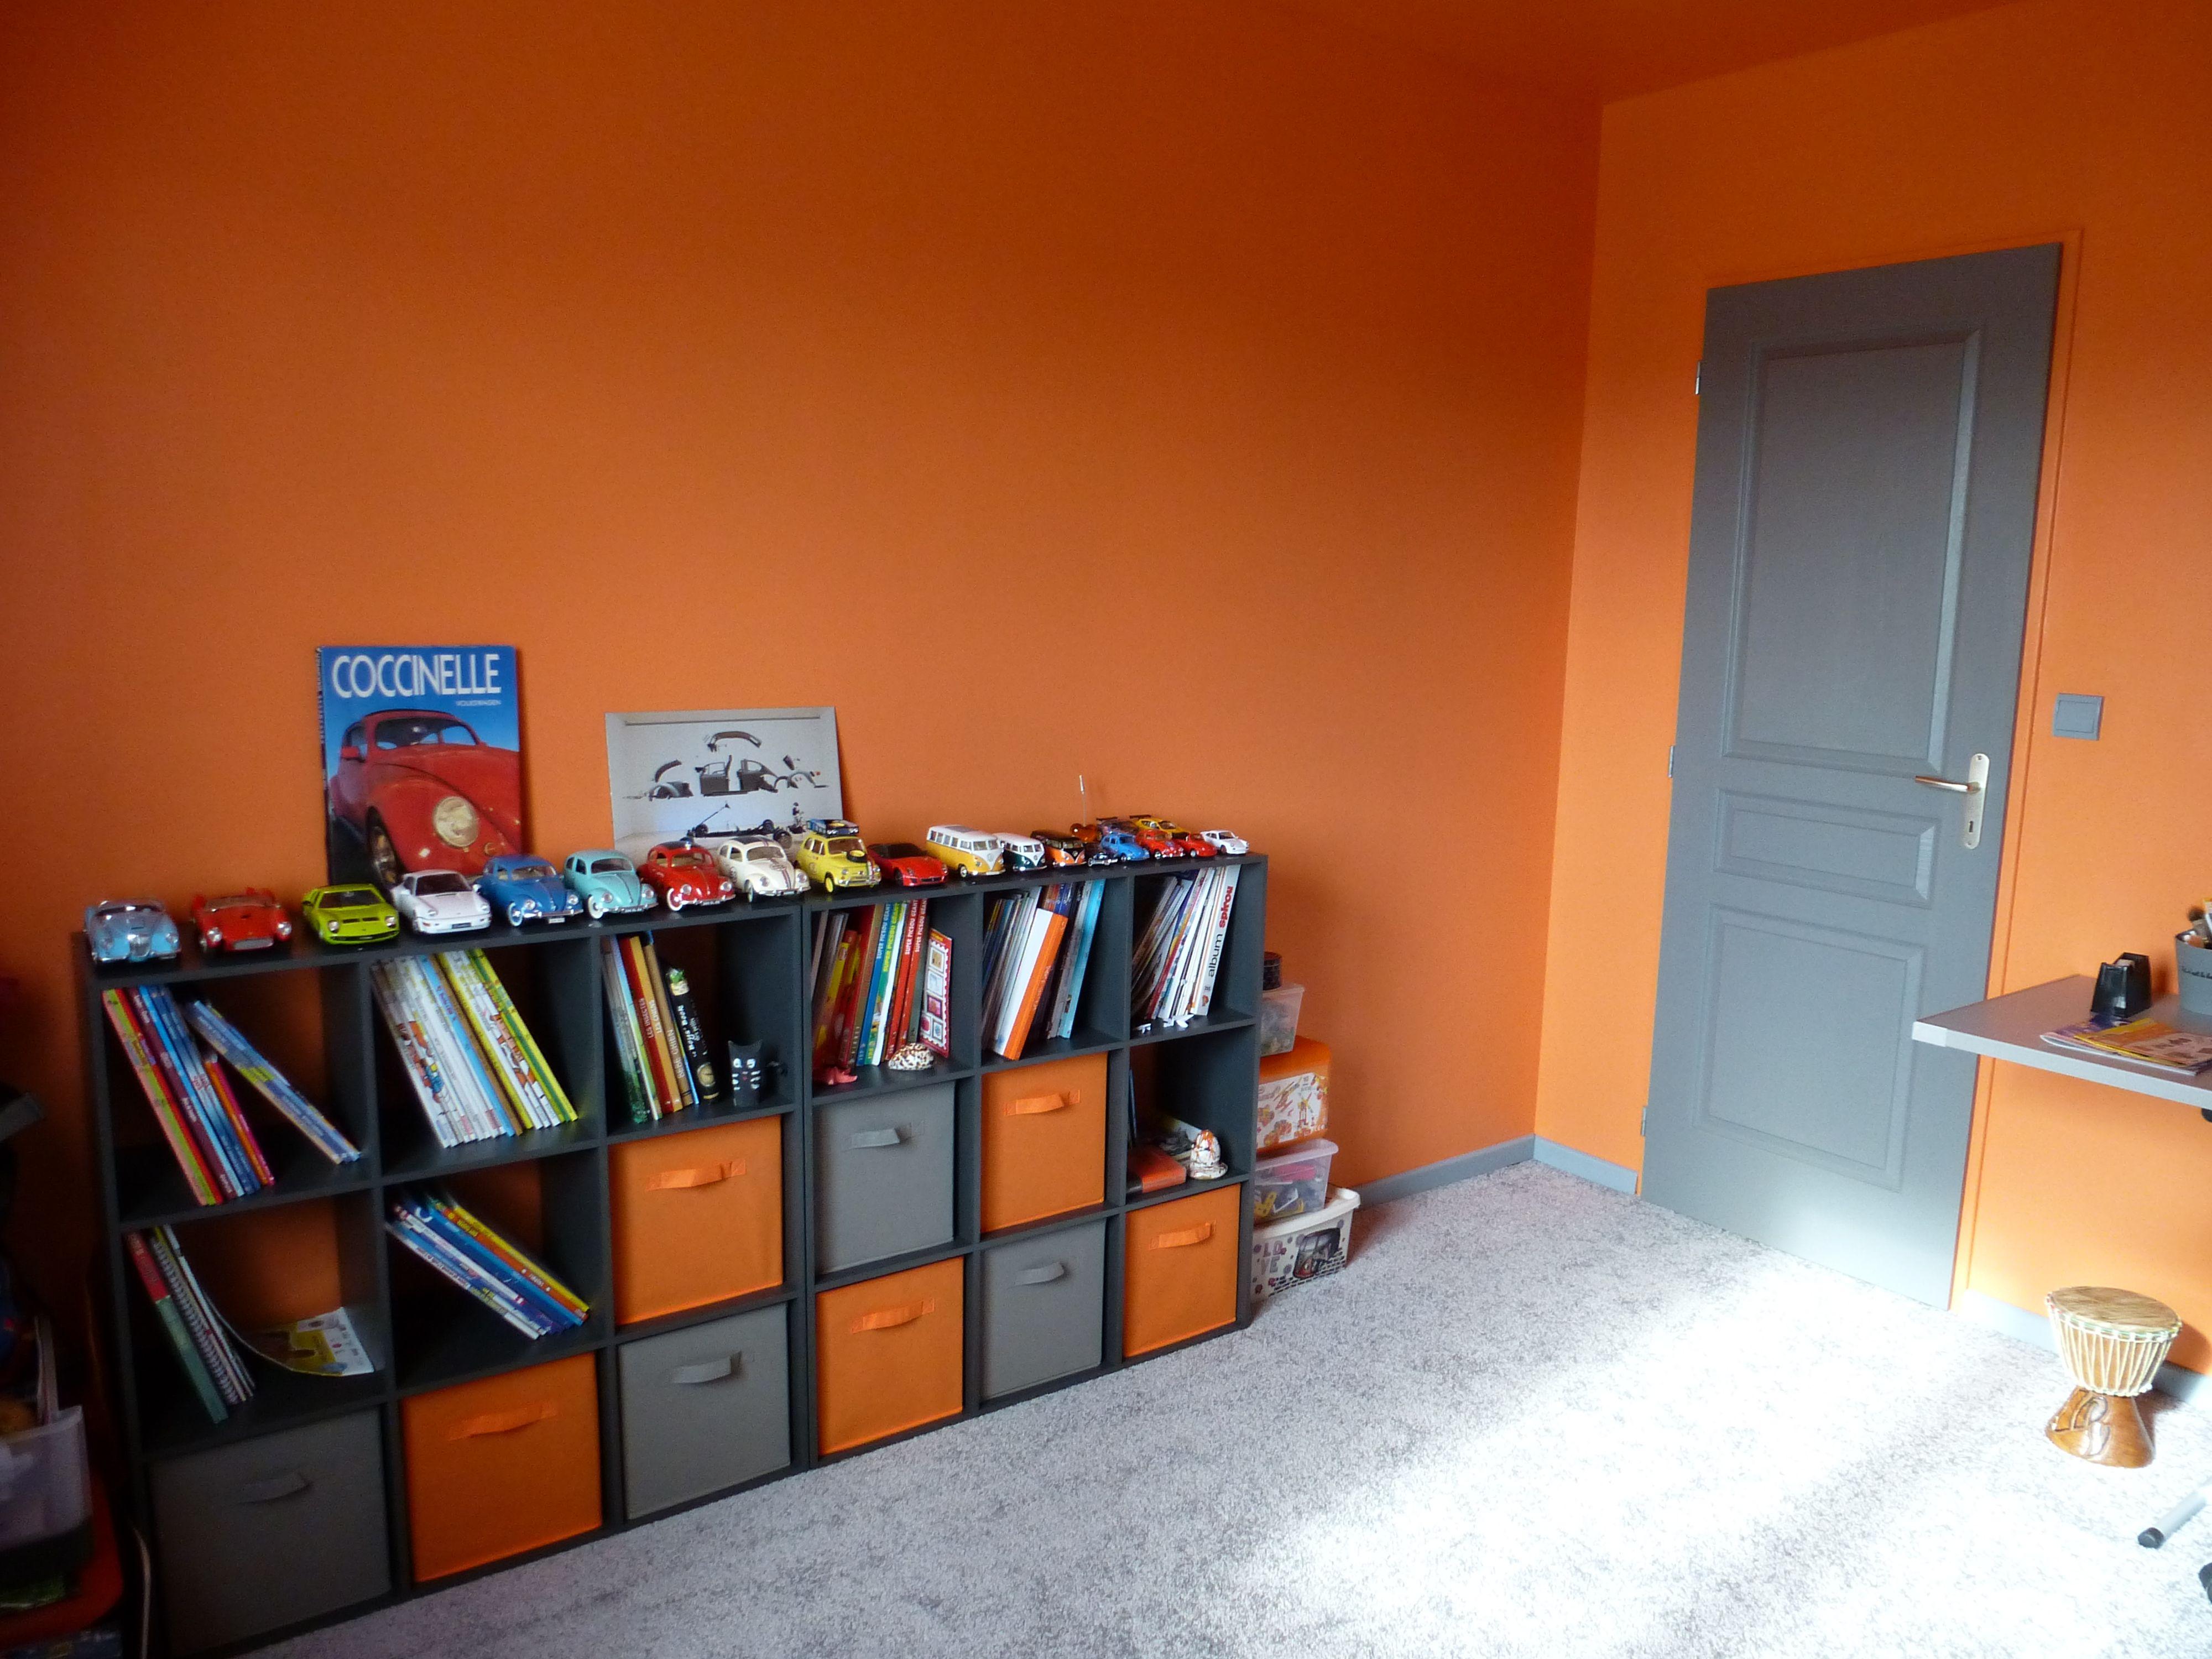 Chambre ado grise et orange | Chambre ado orange et grise théme vw ...